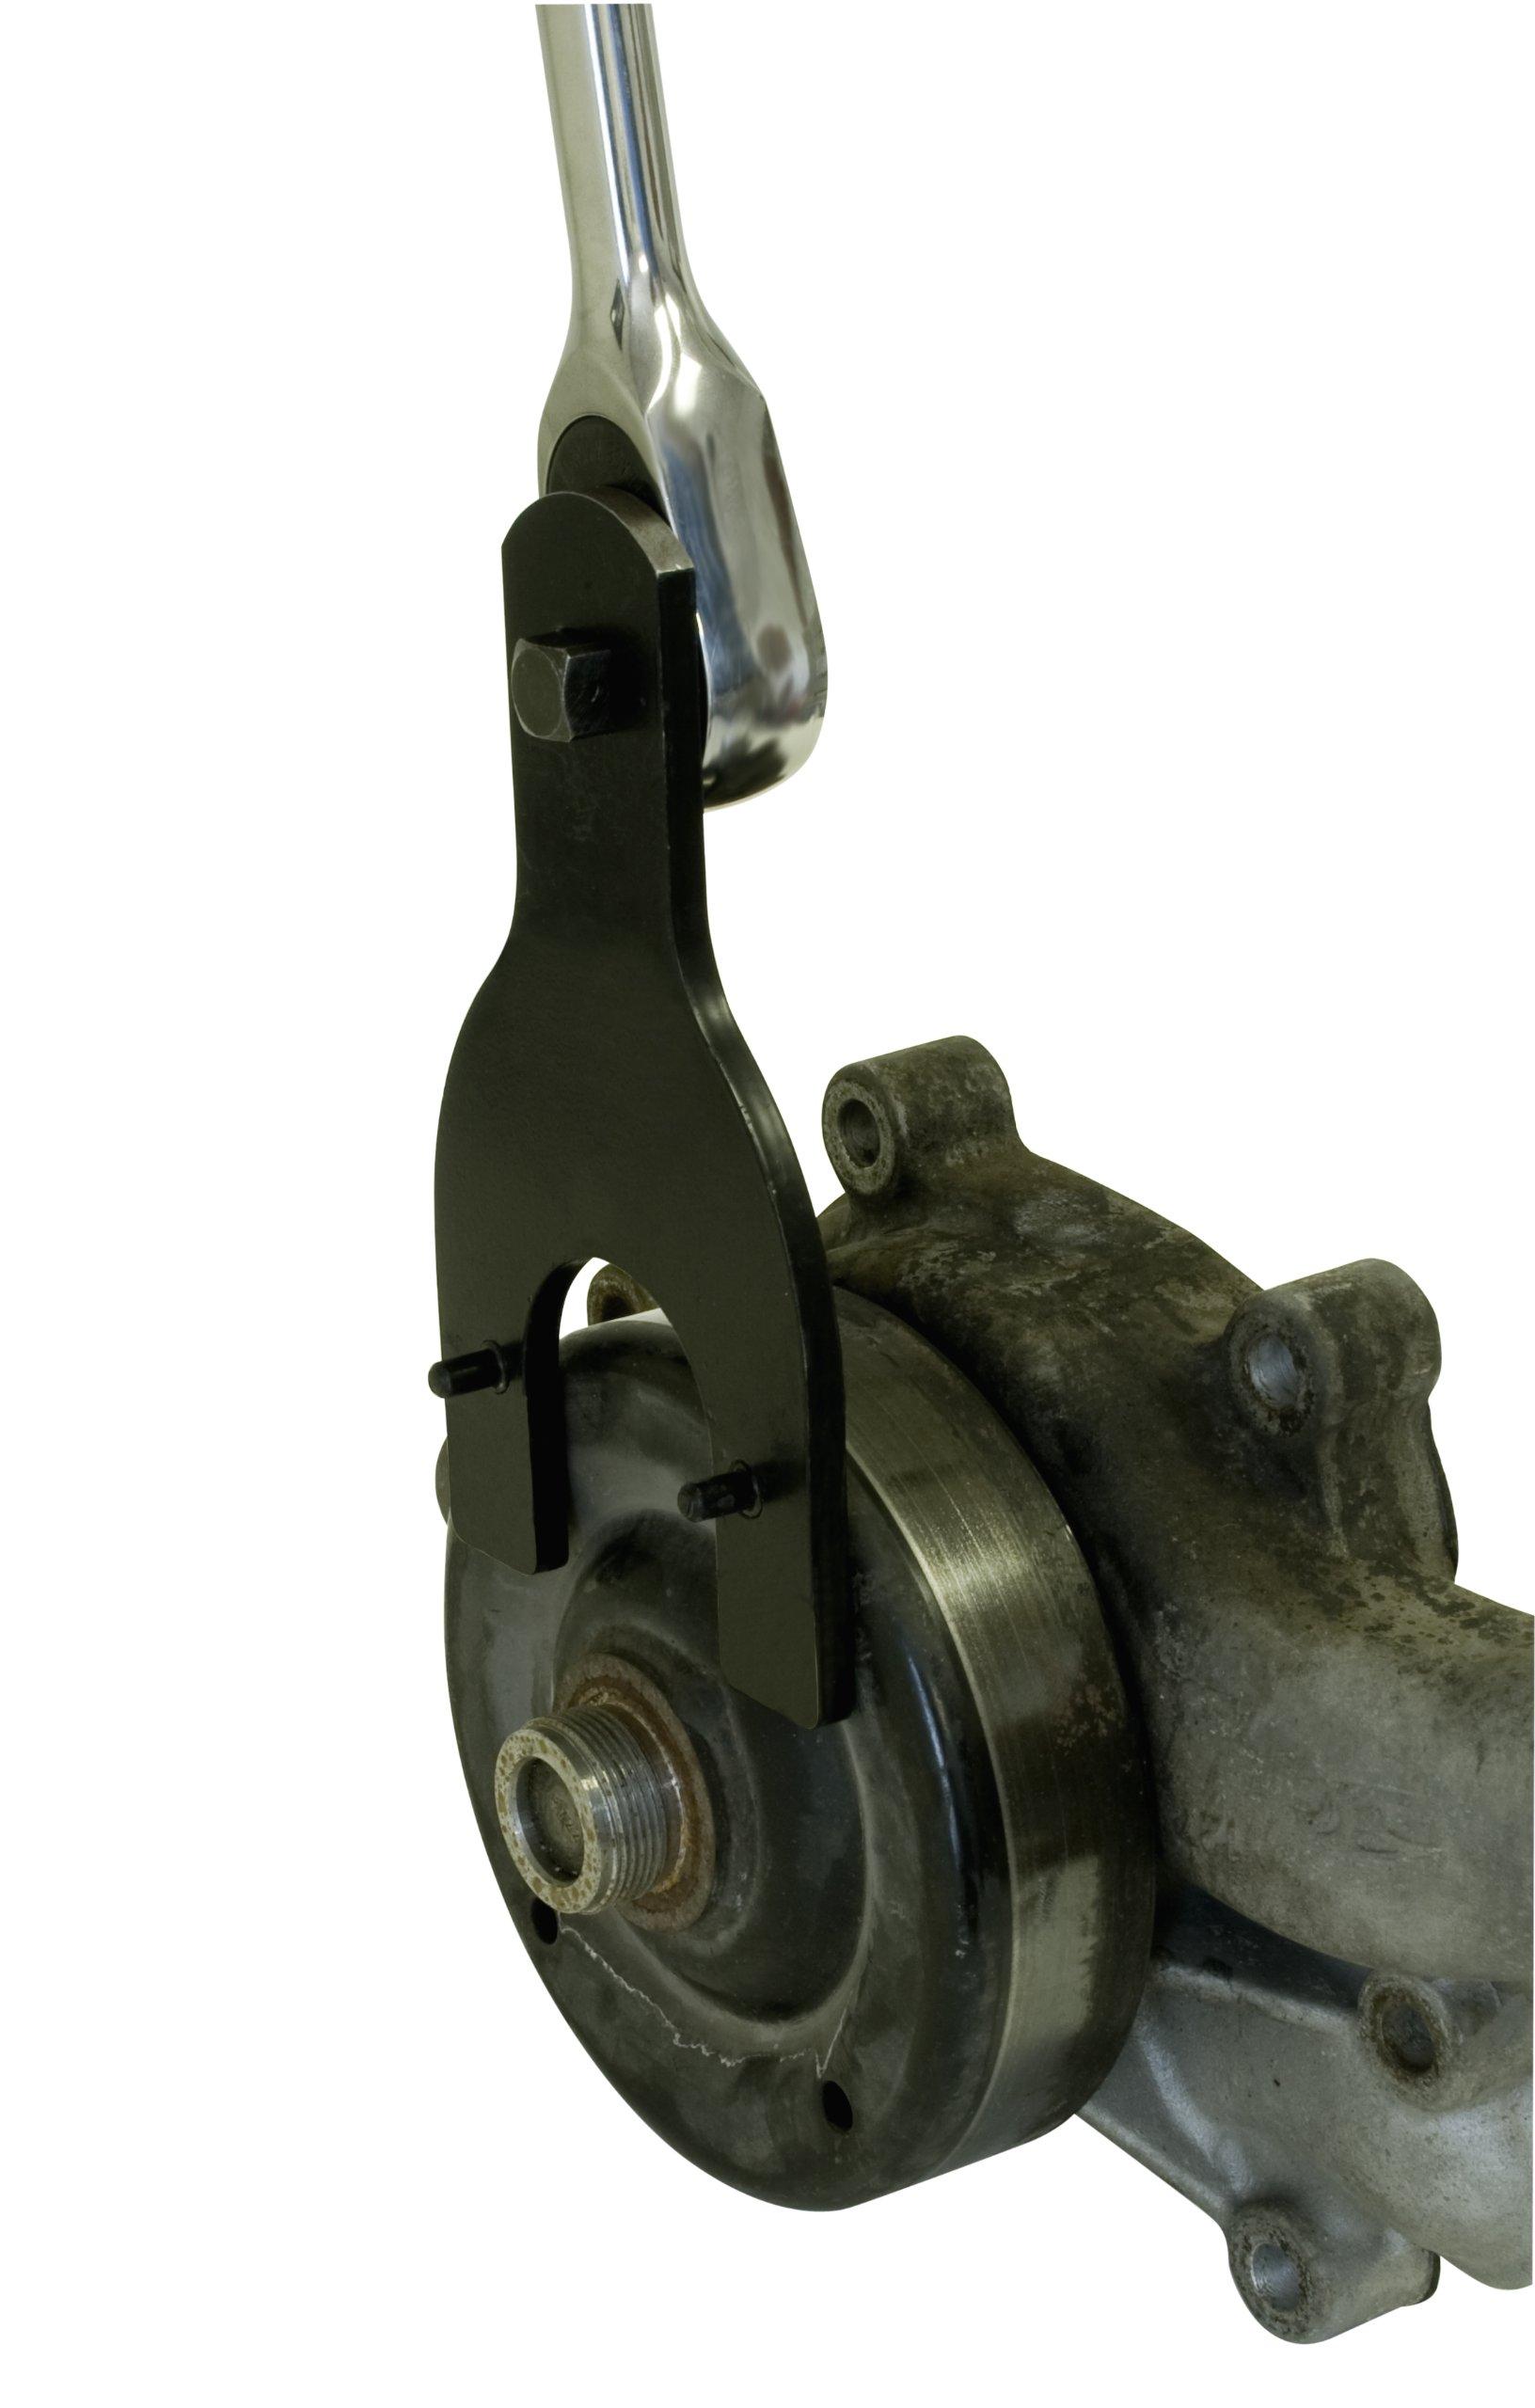 Lisle 43600 Universal Fan Clutch Wrench Set